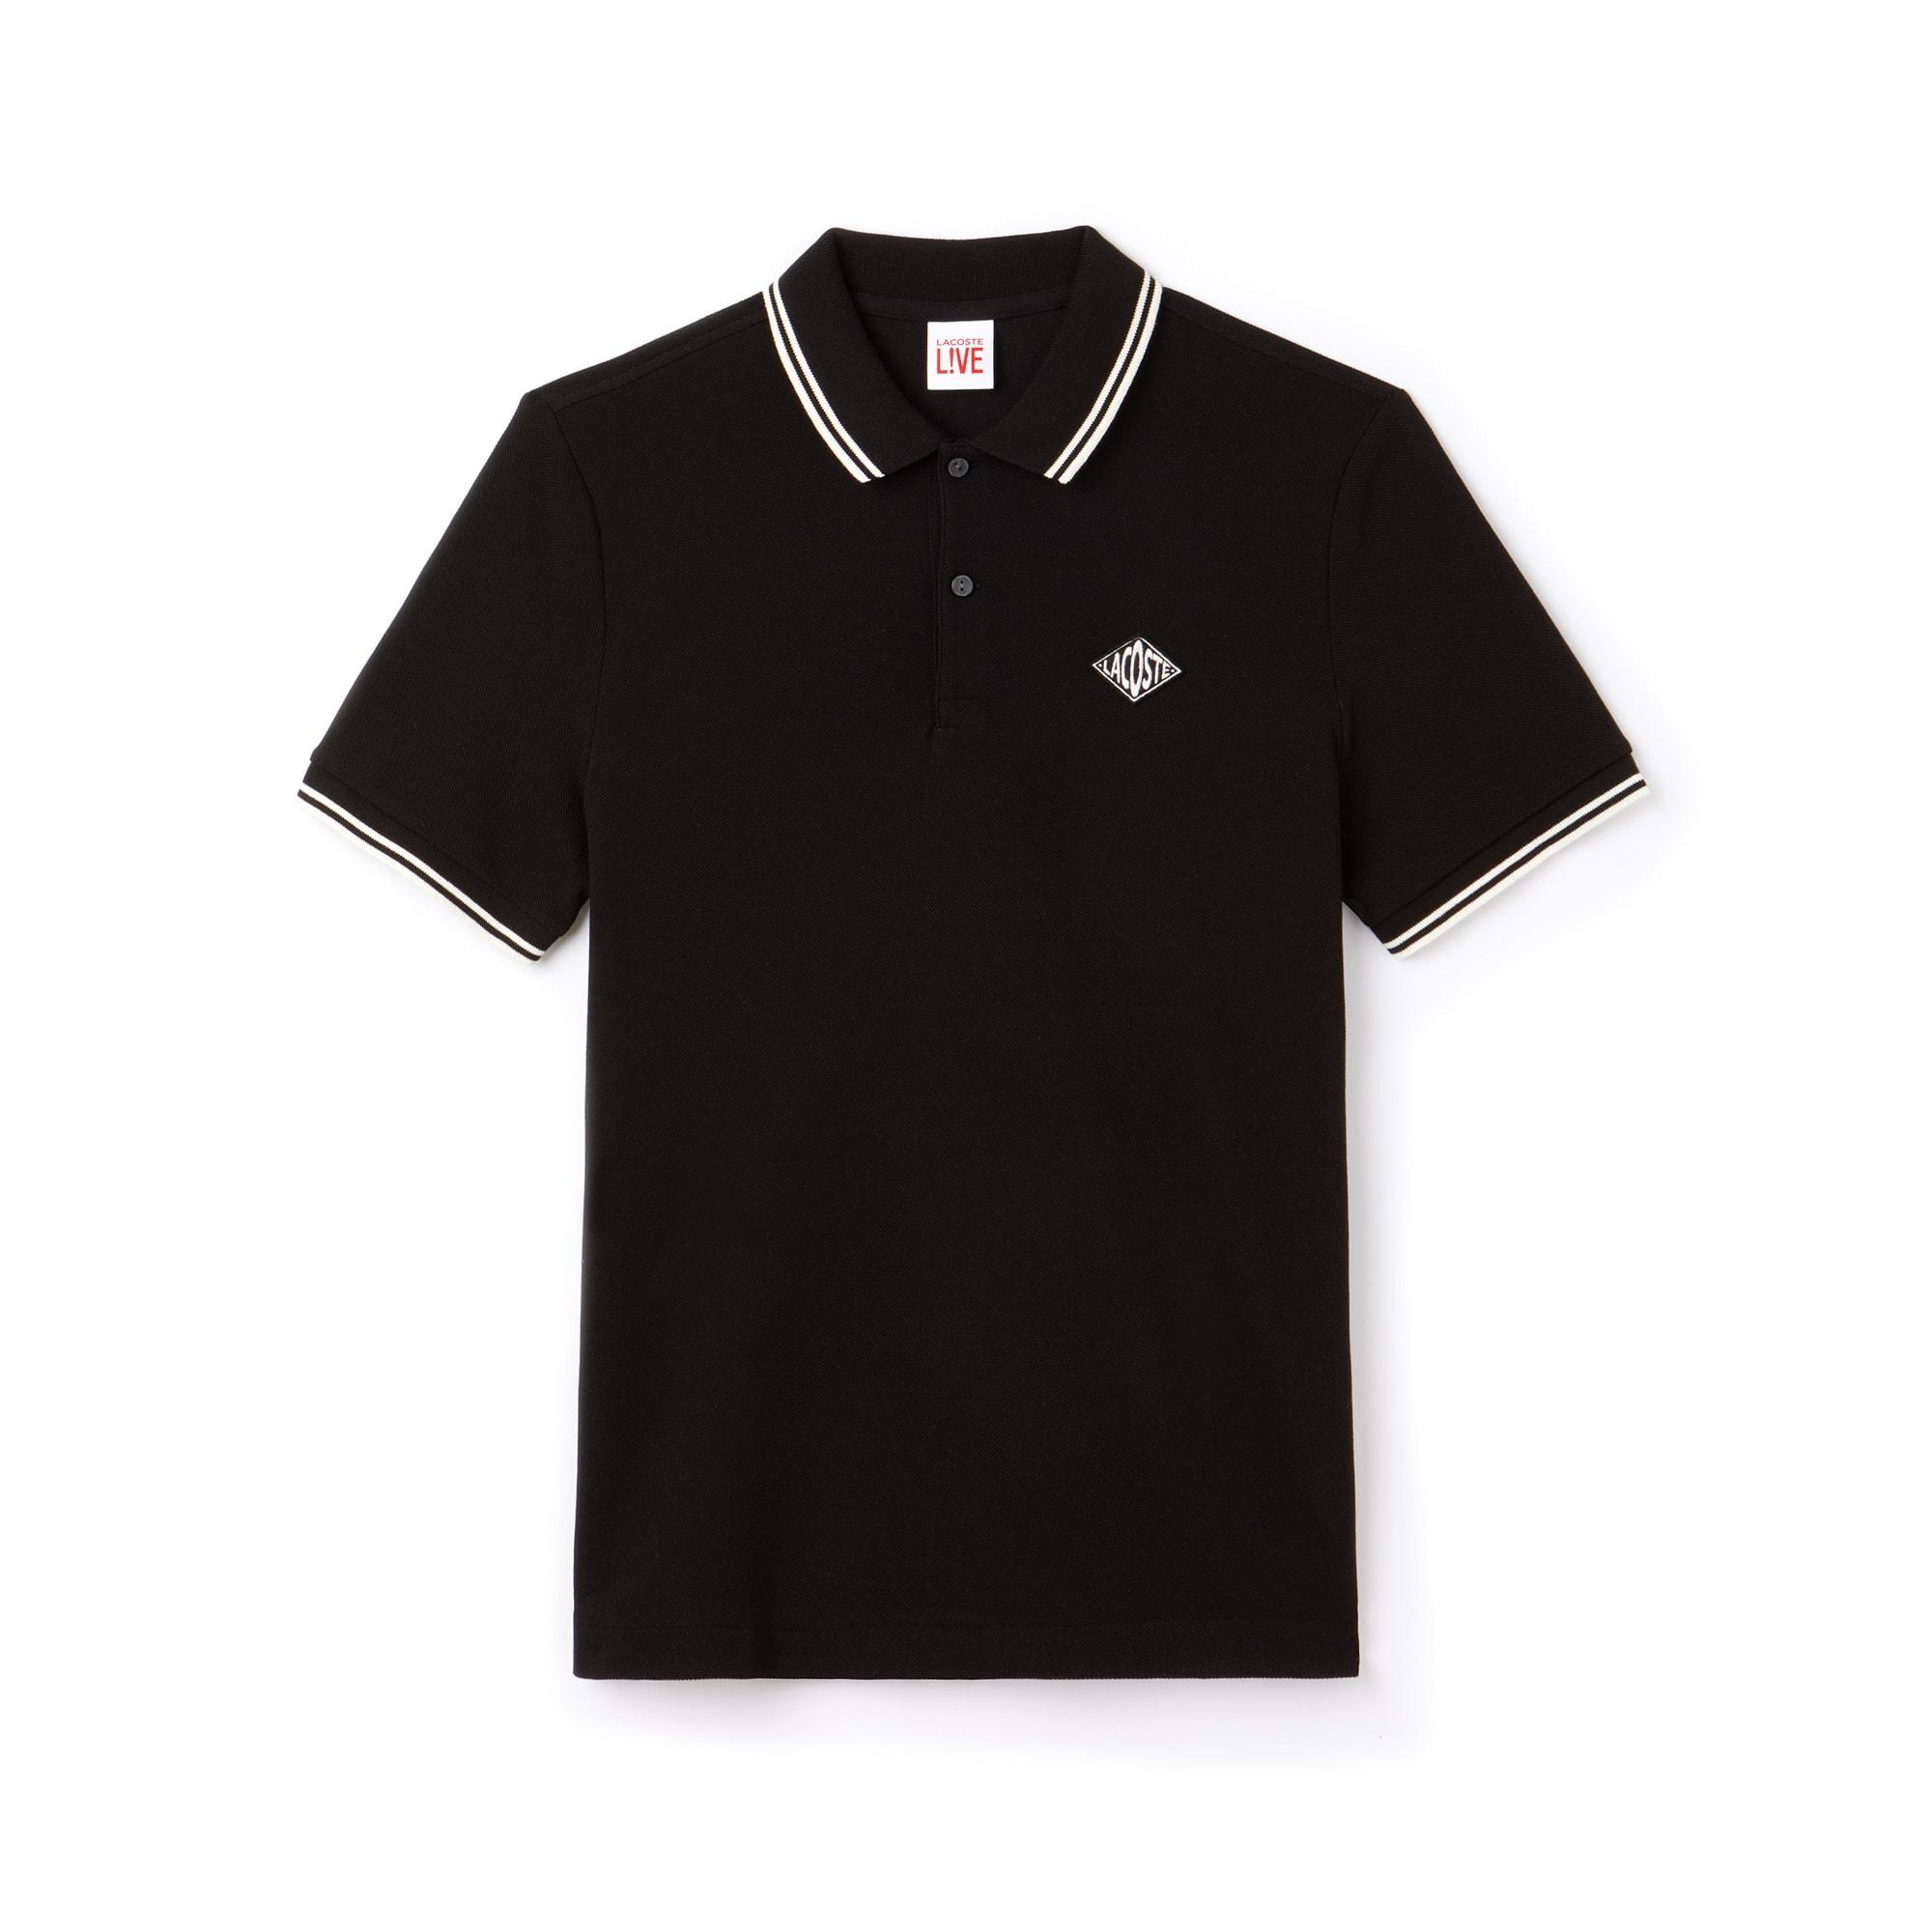 Men's Lacoste LIVE Slim Fit Bands And Badge Cotton Petit Piqué Polo